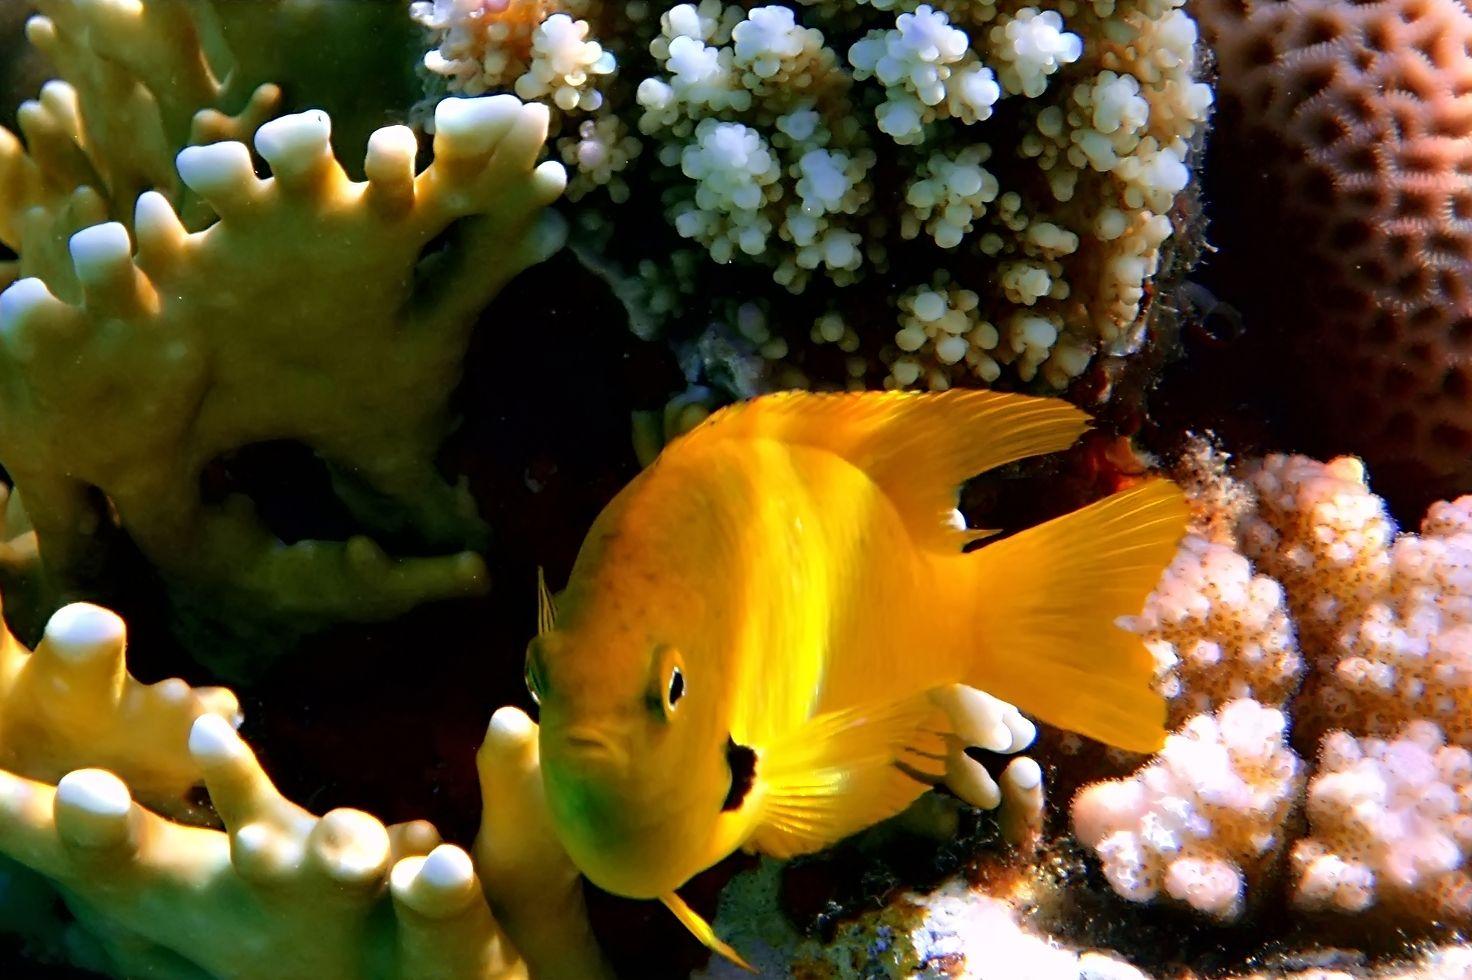 1000 images about fondos del mar on pinterest del mar naturaleza and mars - Fotos fondo del mar ...